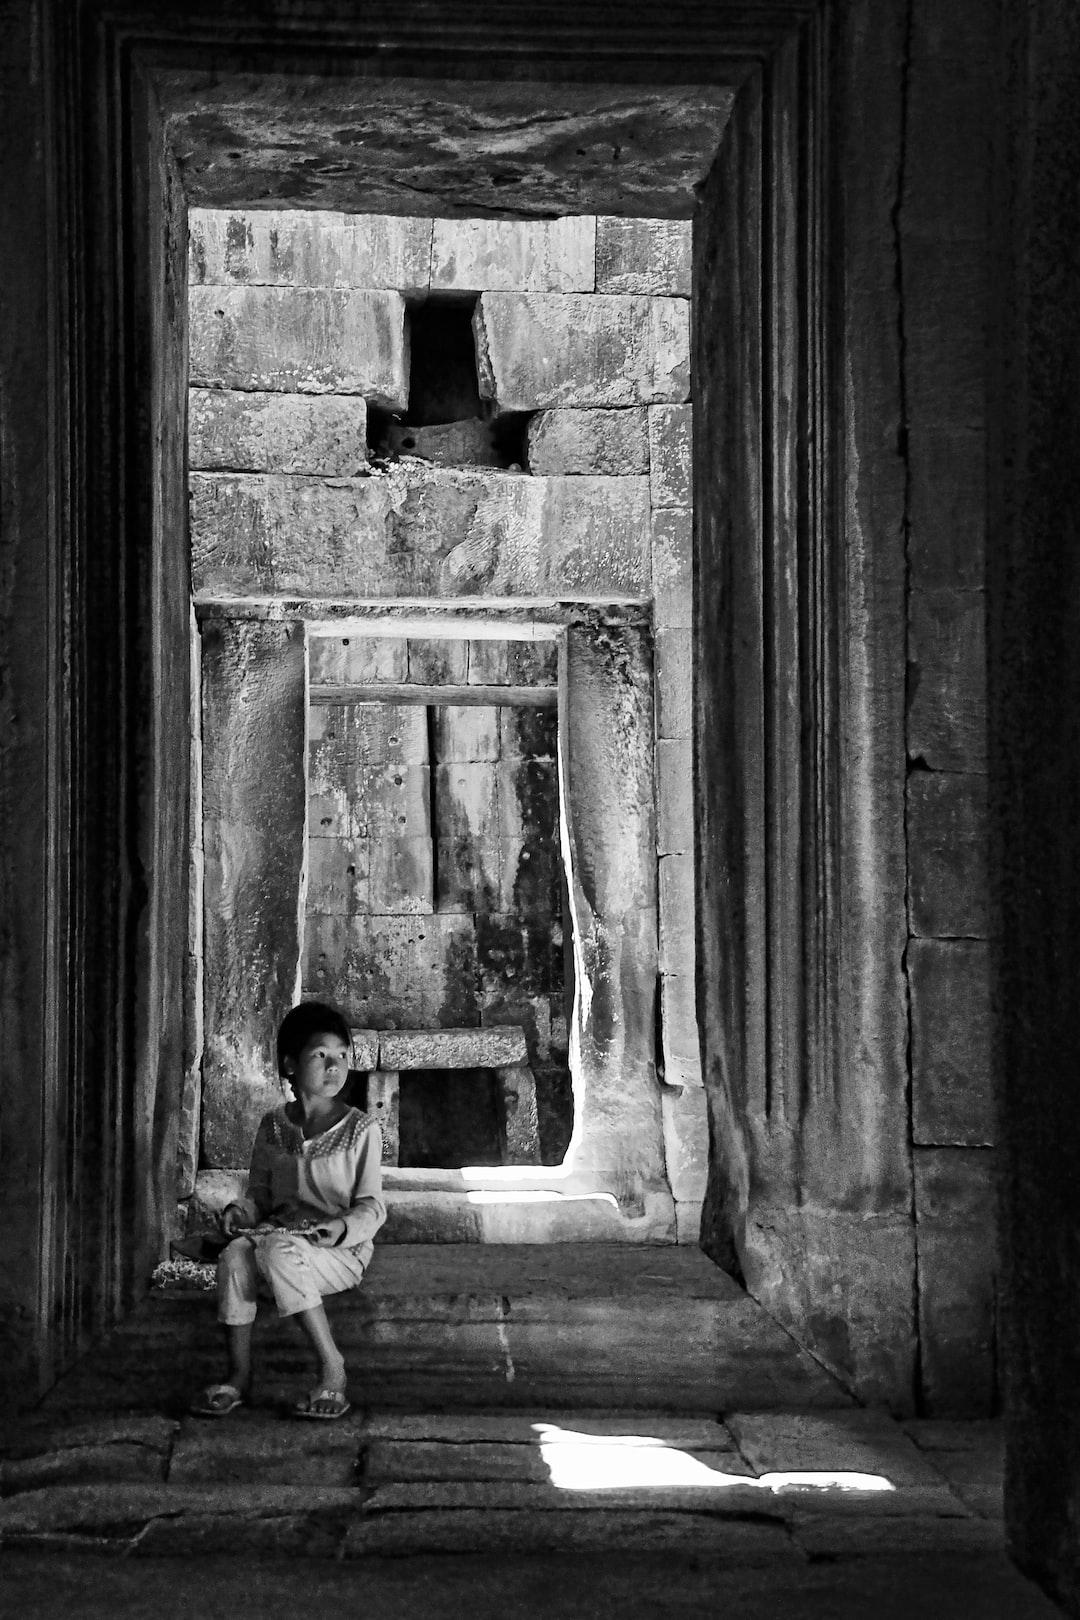 Cambojaninha ou Temple girl. Terrace of the Elephants, Siem Reap, Cambodja 02 de janeiro de 2017  Foto: Leonardo Sá https://www.instagram.com/leosoueu